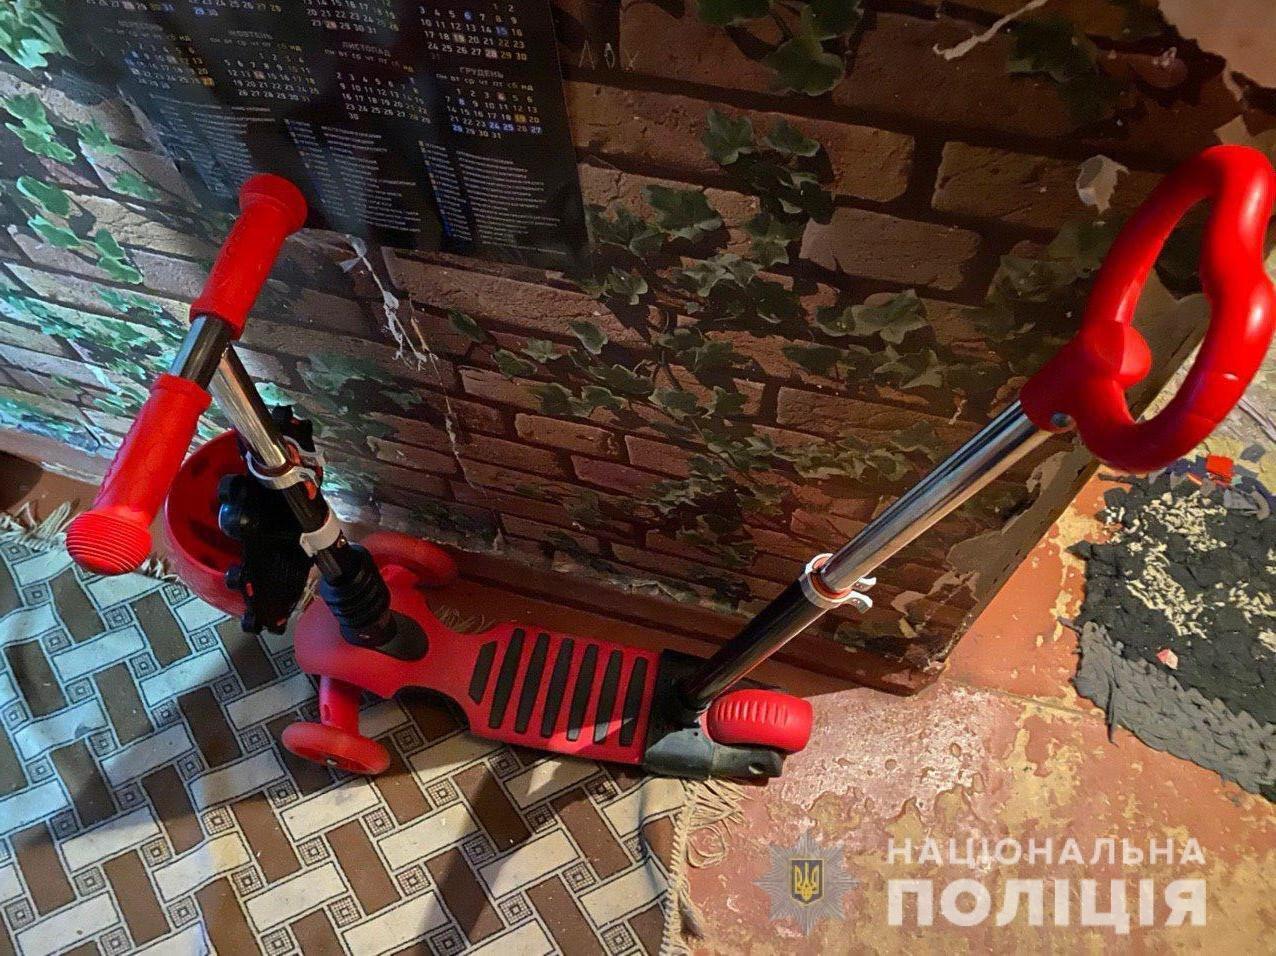 В Харьковской области мужчина украл самокат у ребенка, - ФОТО, фото-2